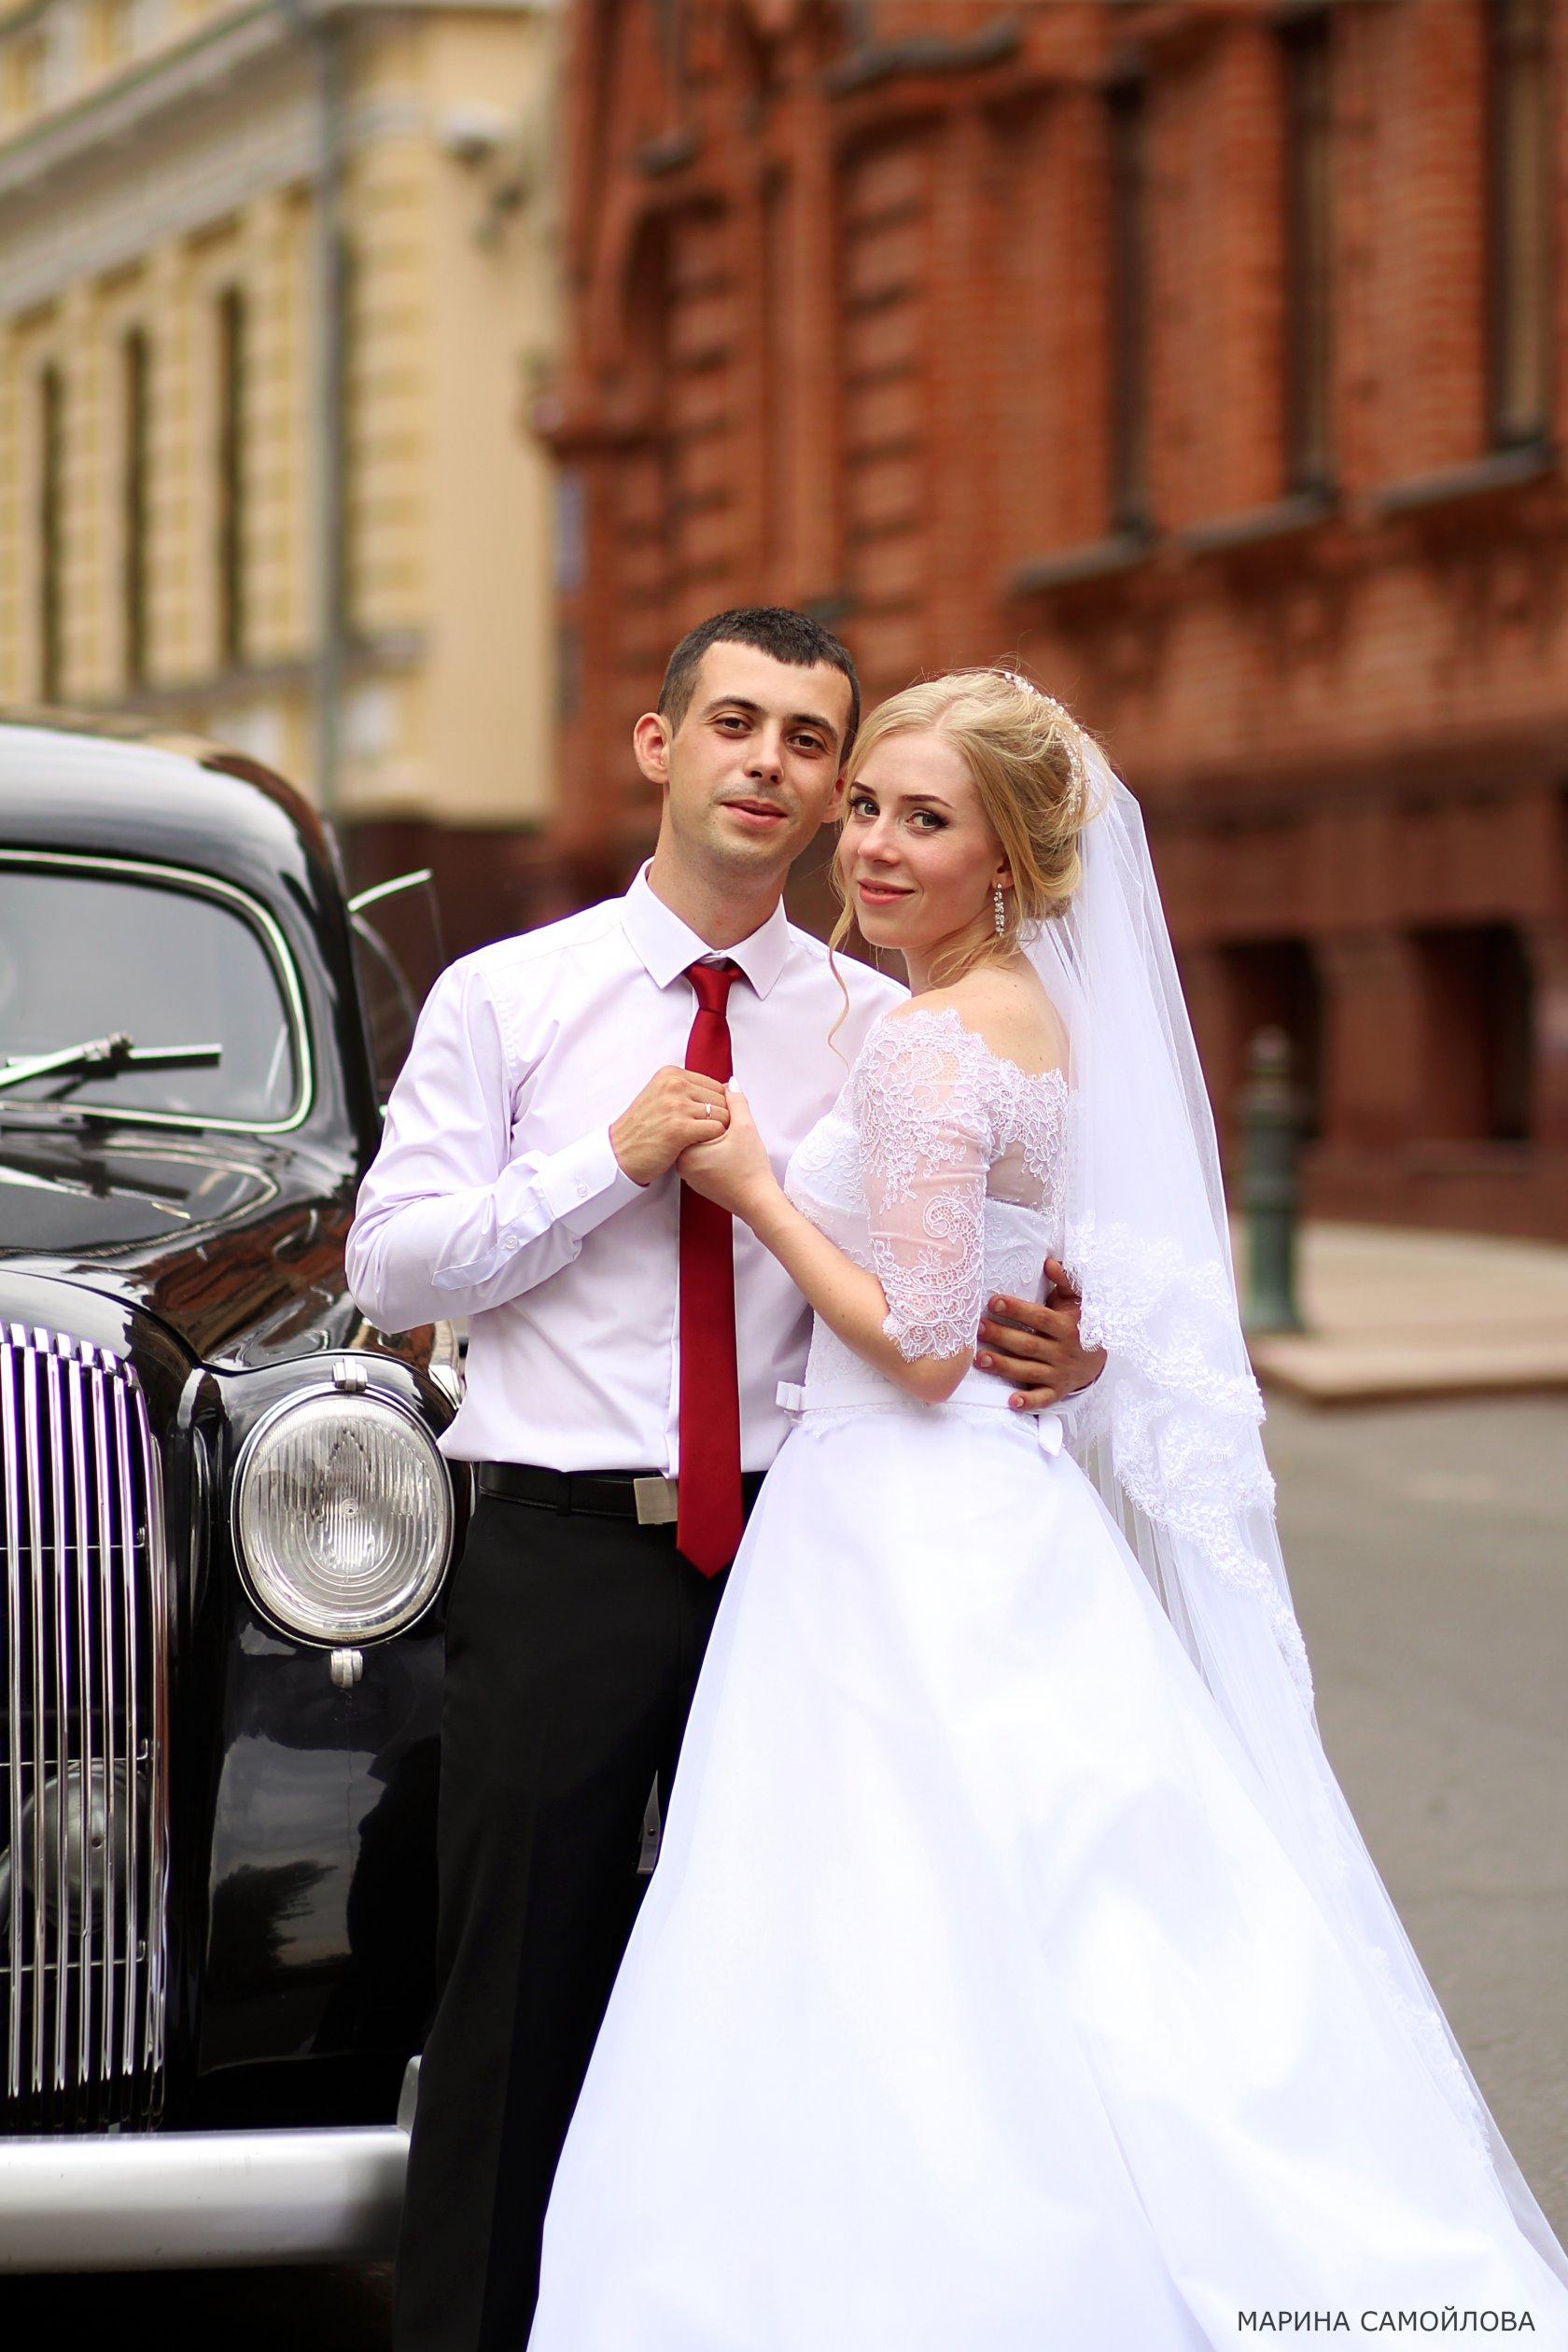 Фотосъемка в Харькове